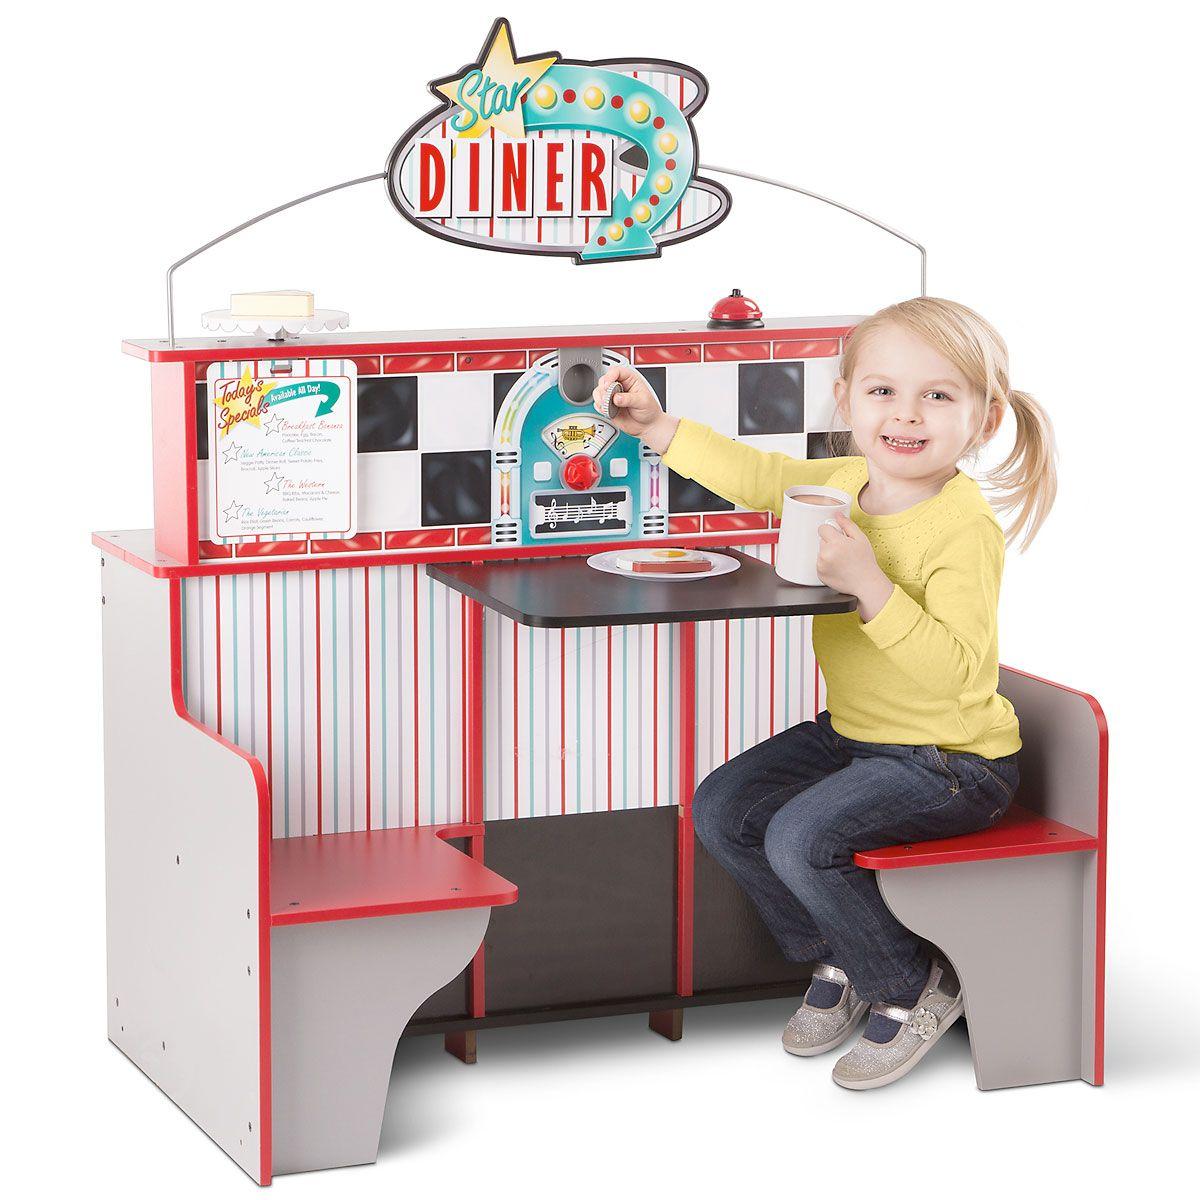 Melissa & Doug's® Star Diner Restaurant